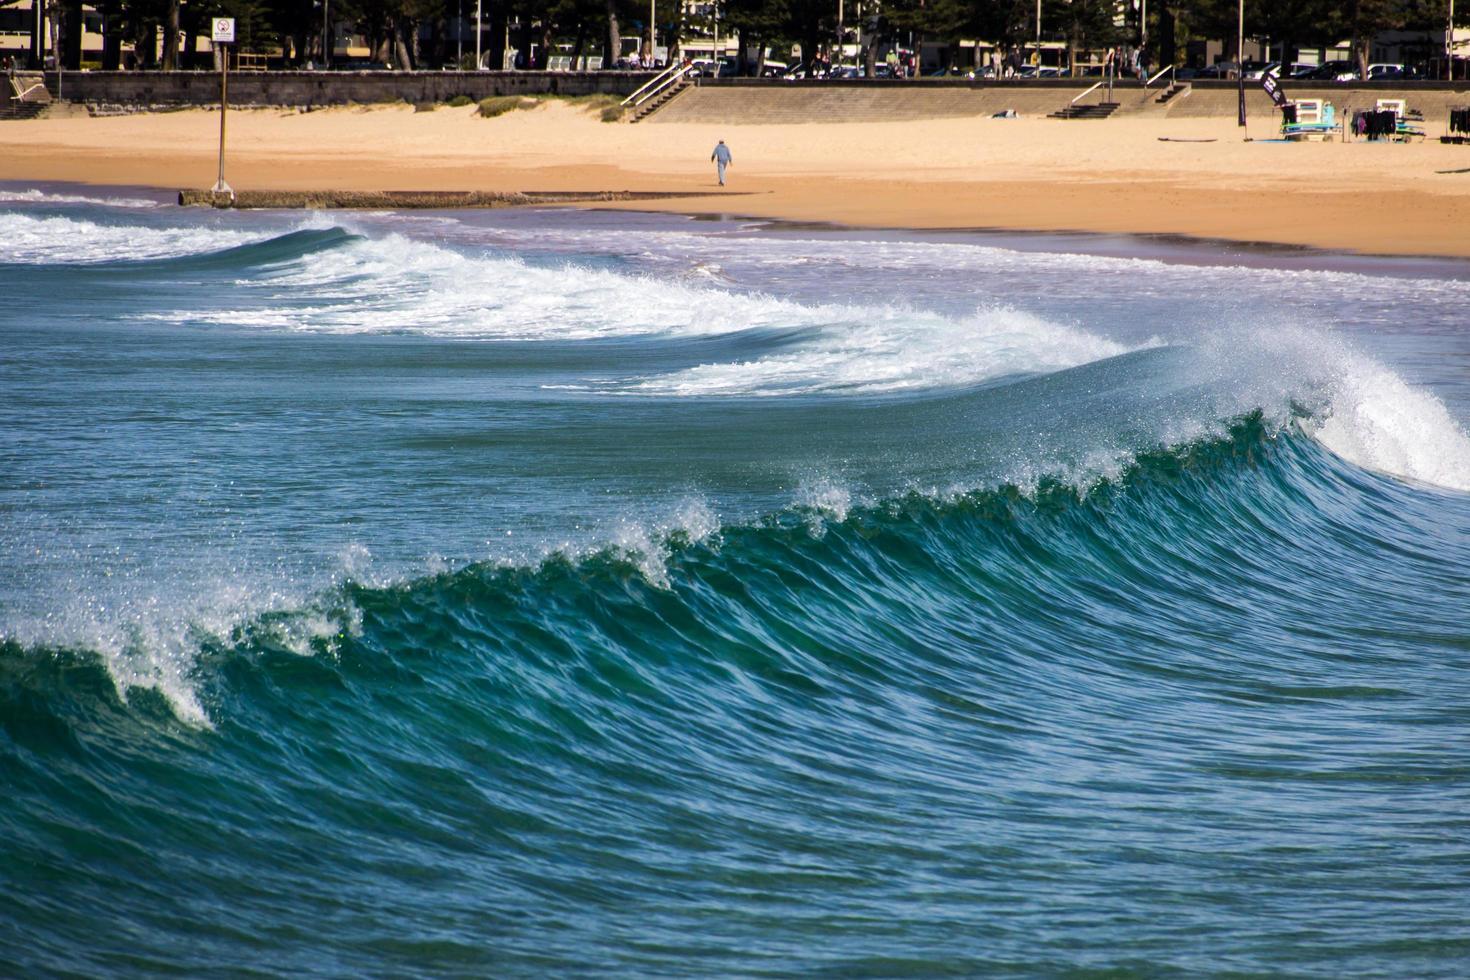 manly beach, australia, 2020 - onde vicino alla spiaggia durante il giorno foto